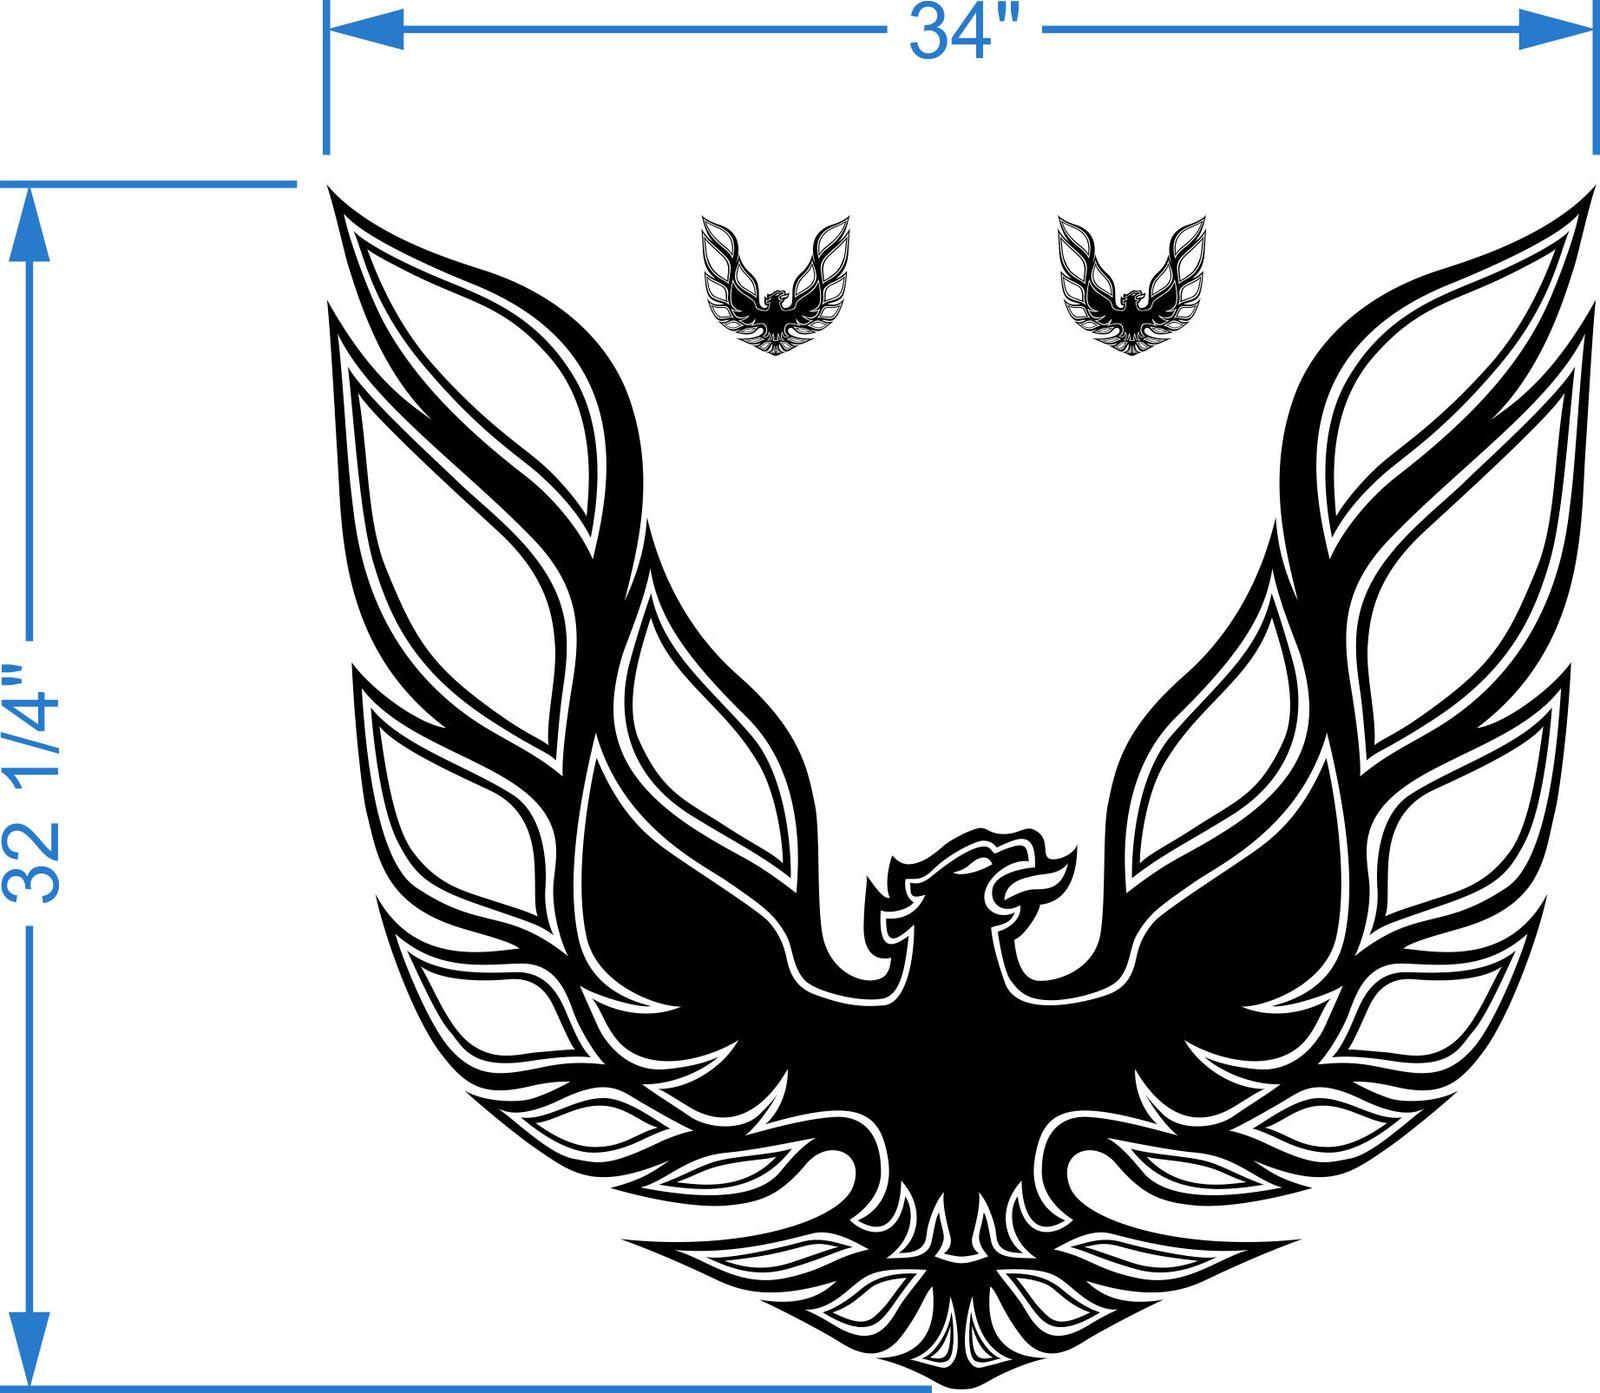 Kit Firebird Trans Am Hood Bird Decal Graphic Pontiac